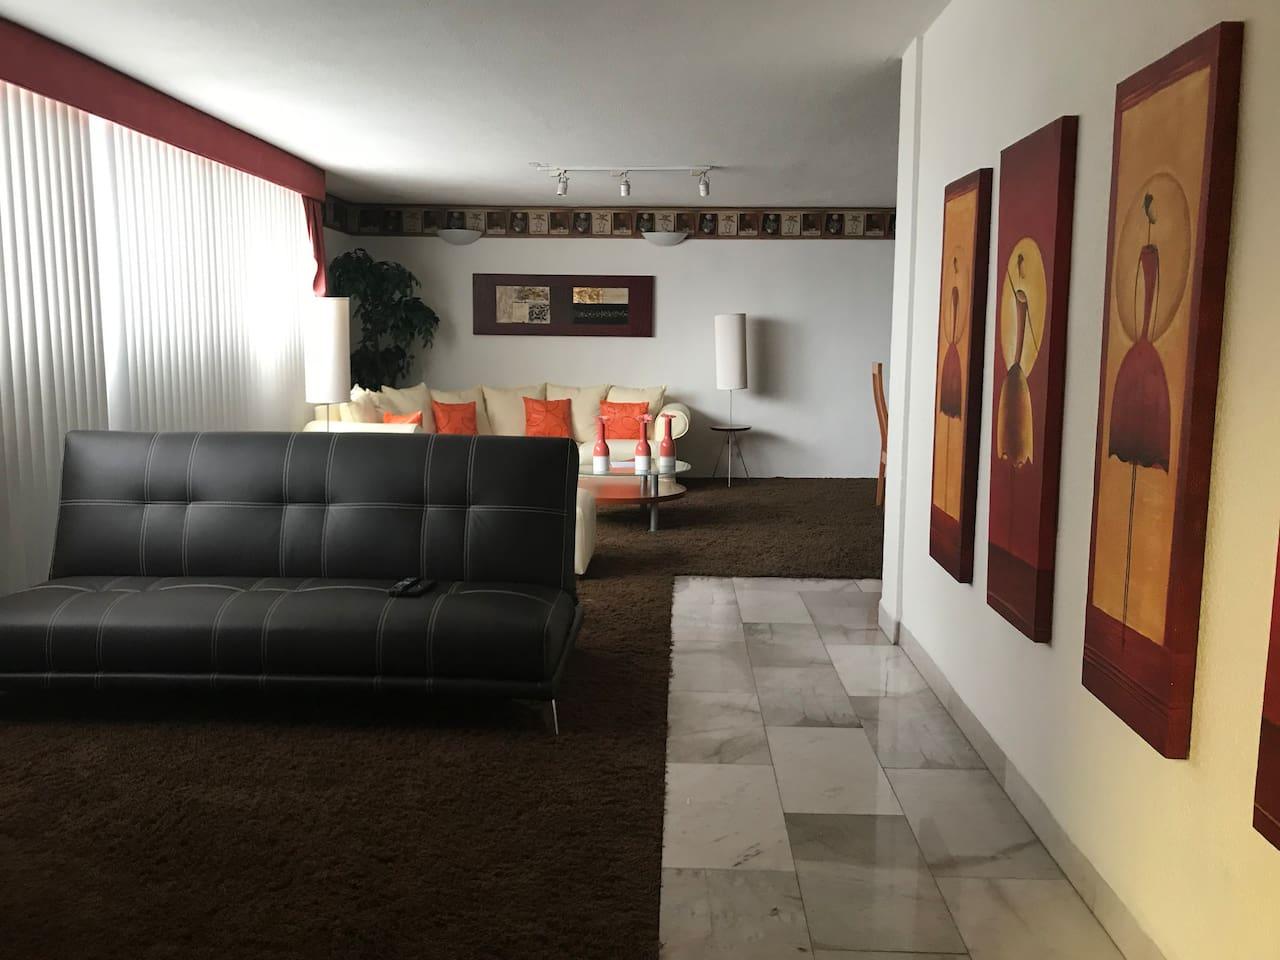 Departamento espectacular con decoración minimalista